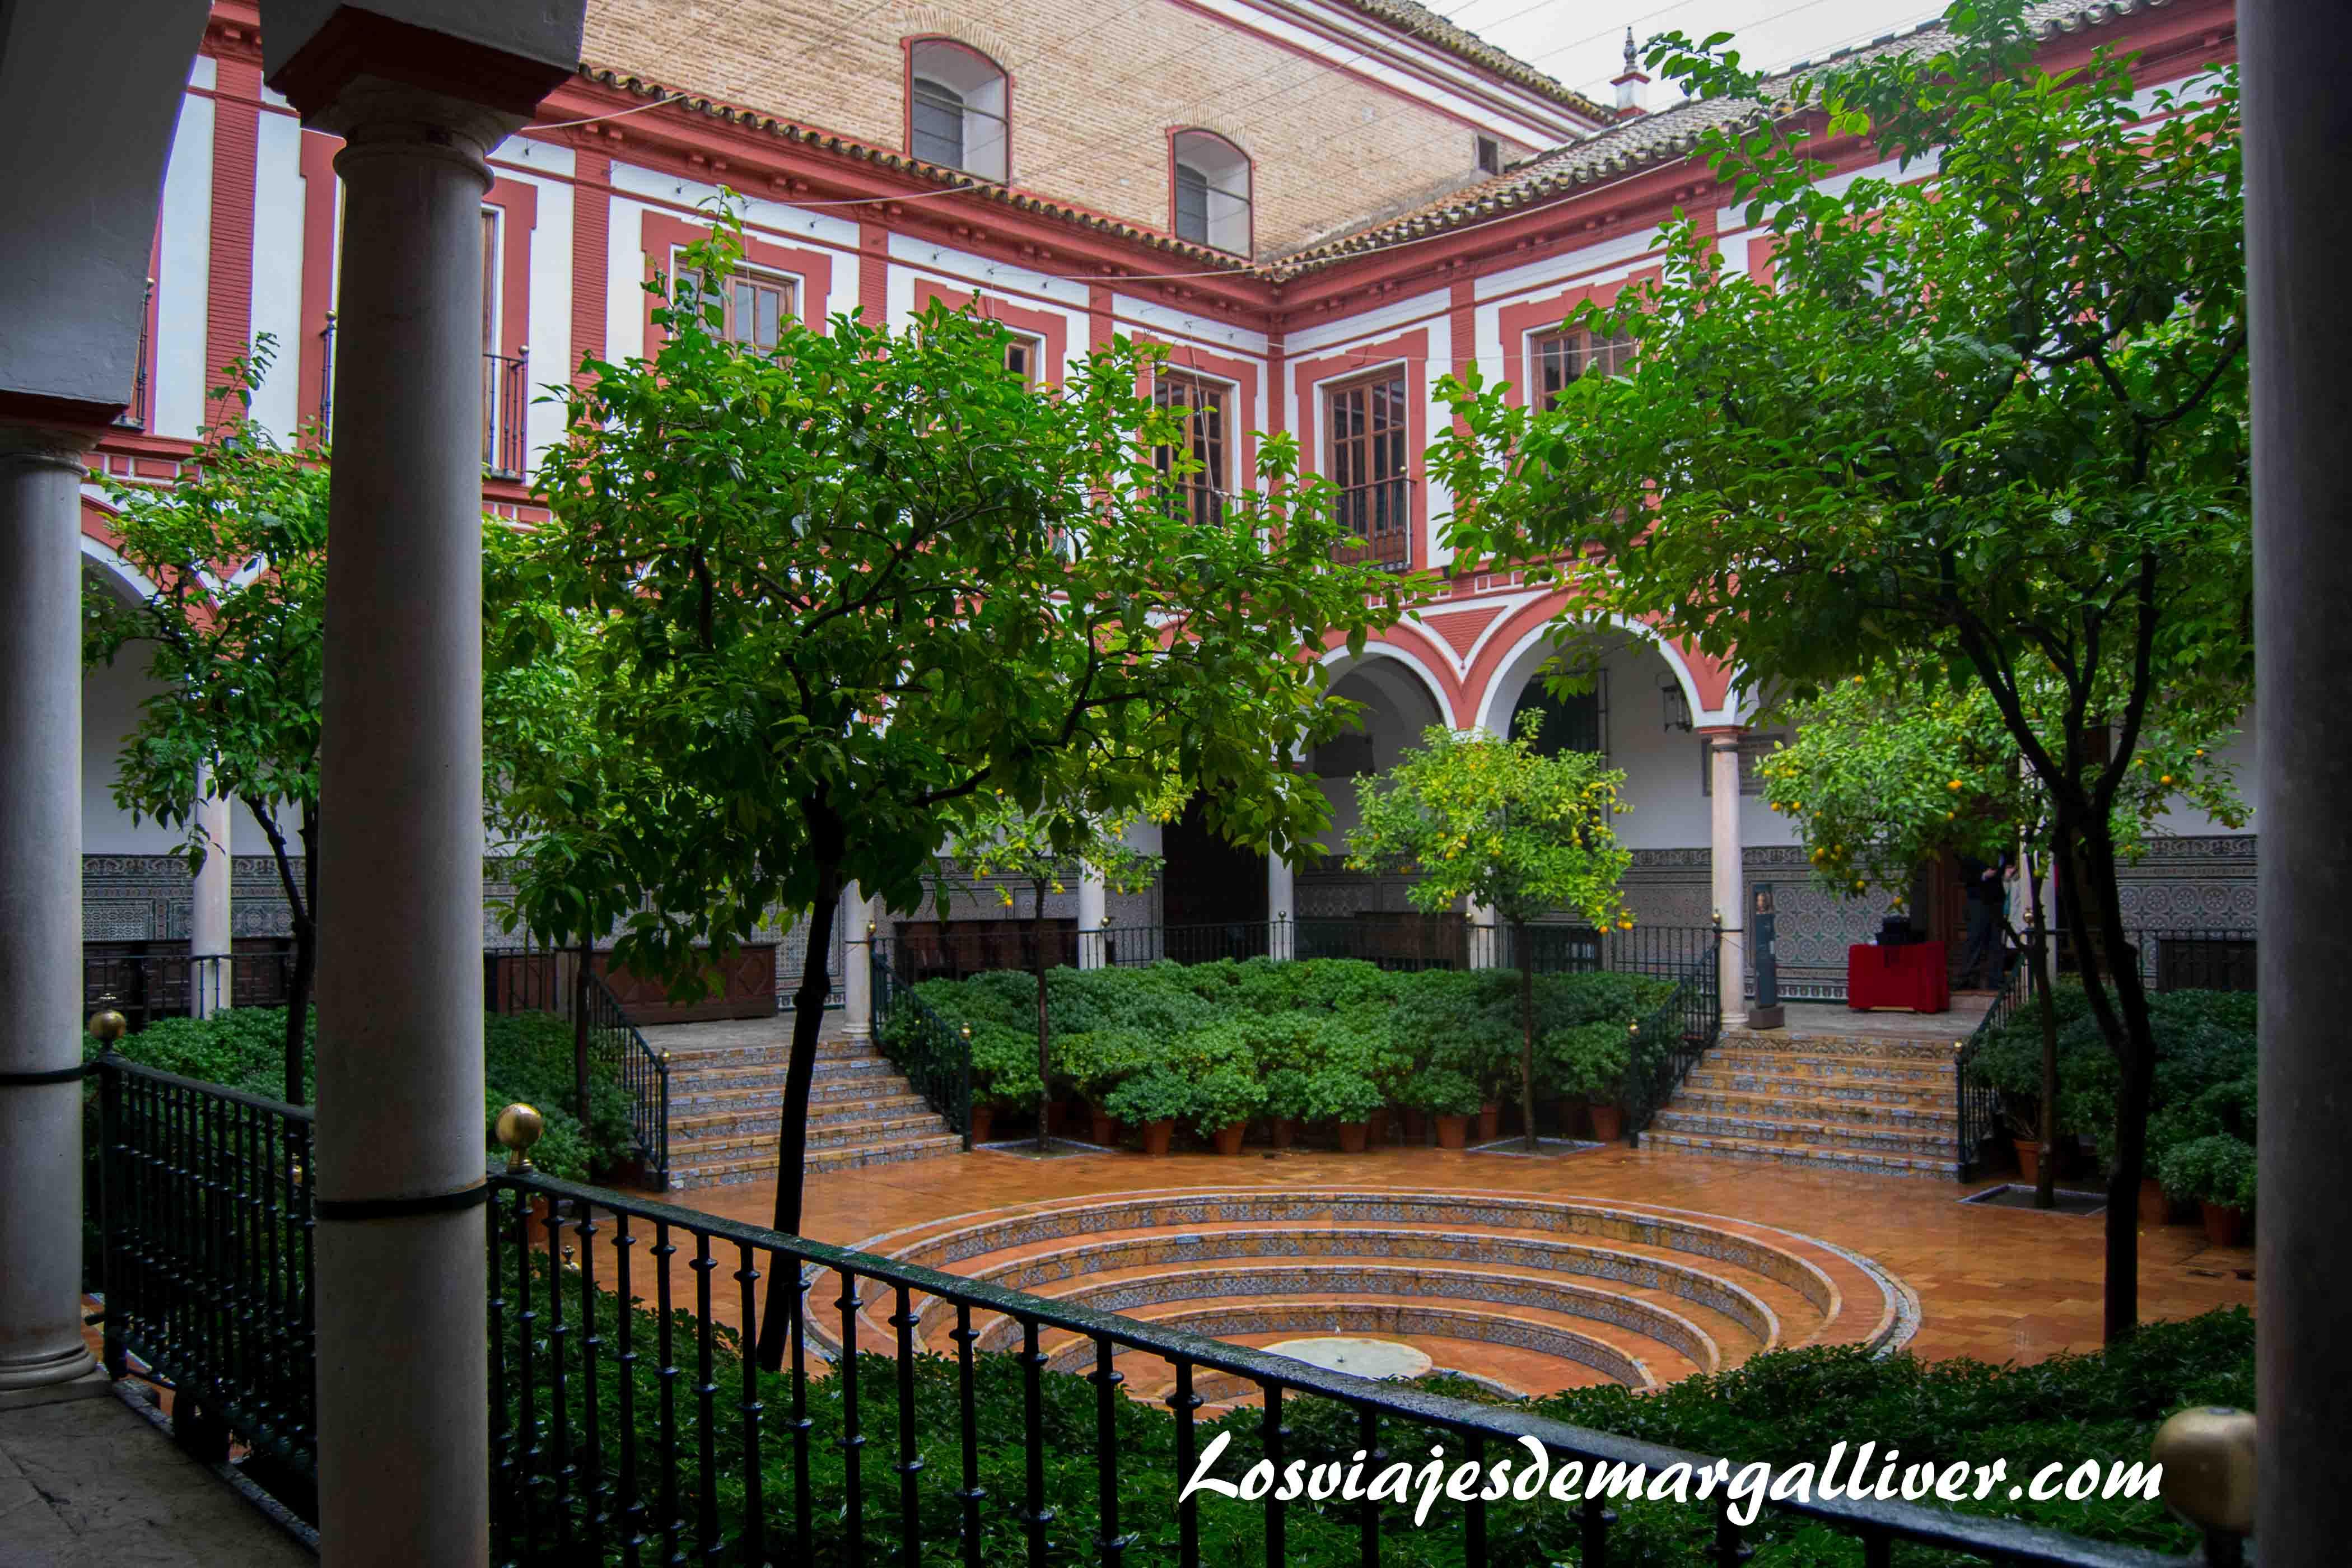 Patio central del hospital de los venerables , donde se situa la exposicion velazquez-murillo - Fundación Focus-Abengoa